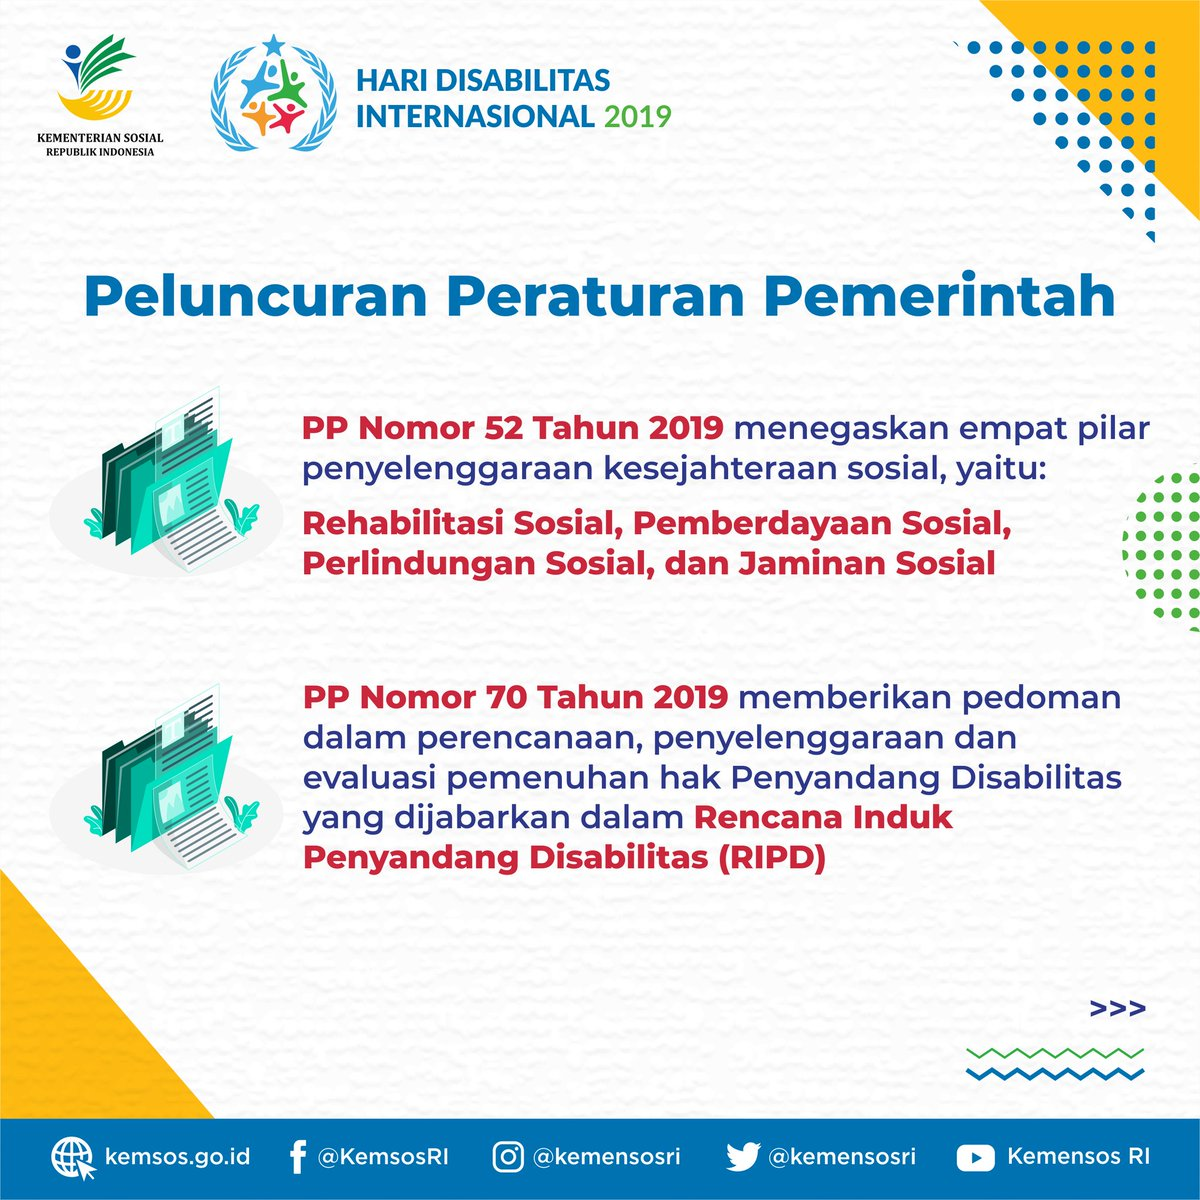 Pada kesempatan ini #Kemensos meluncurkan dua peraturan pemerintah yaitu PP Nomor 52 Tahun 2019 tentang Penyelenggaraan Kesejahteraan Sosial bagi Penyandang Disabilita